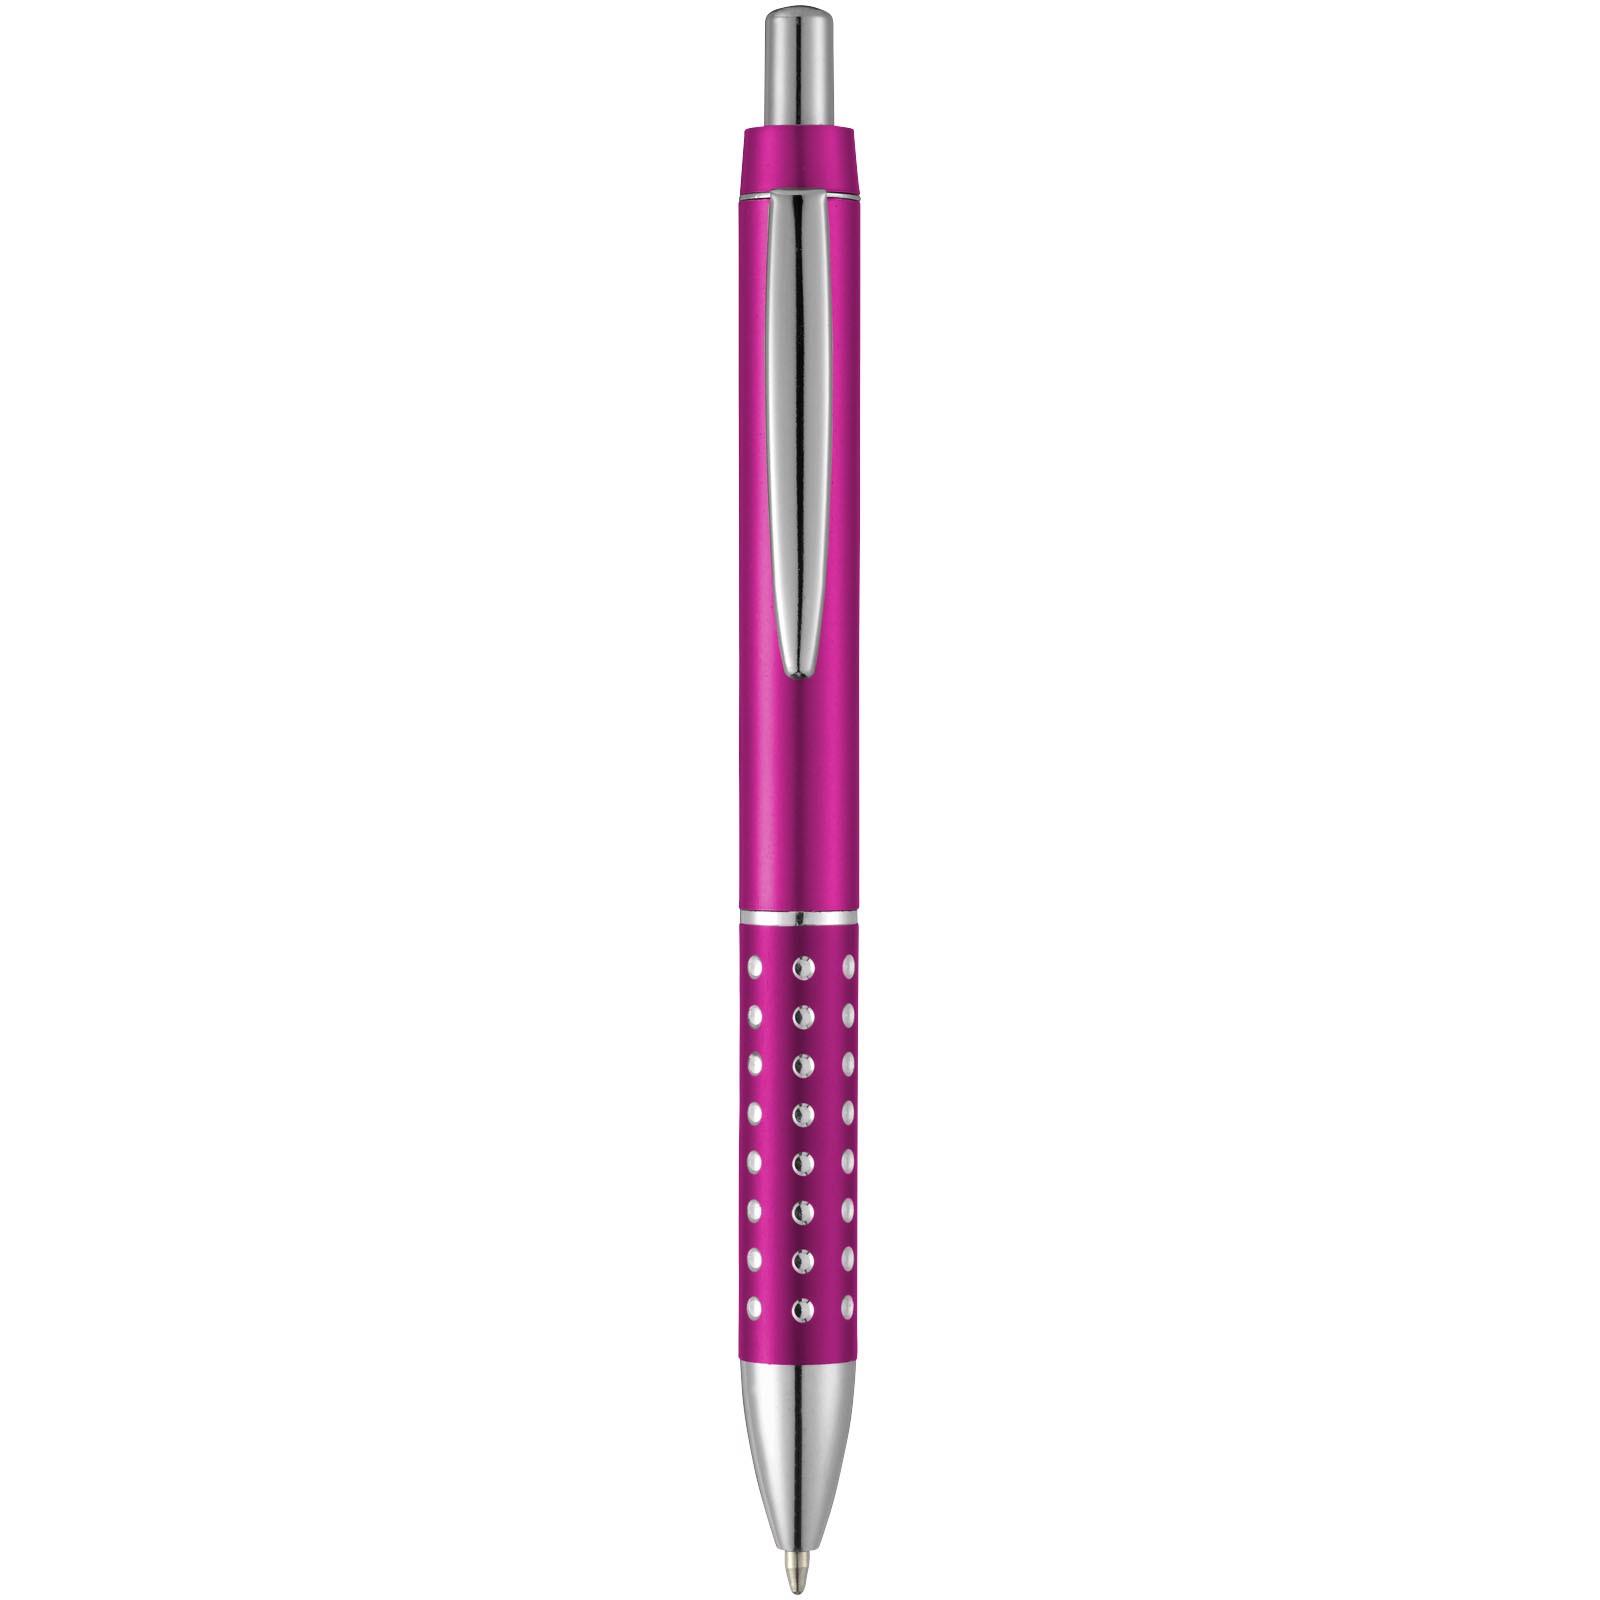 Kuličkové pero Bling - Růžová